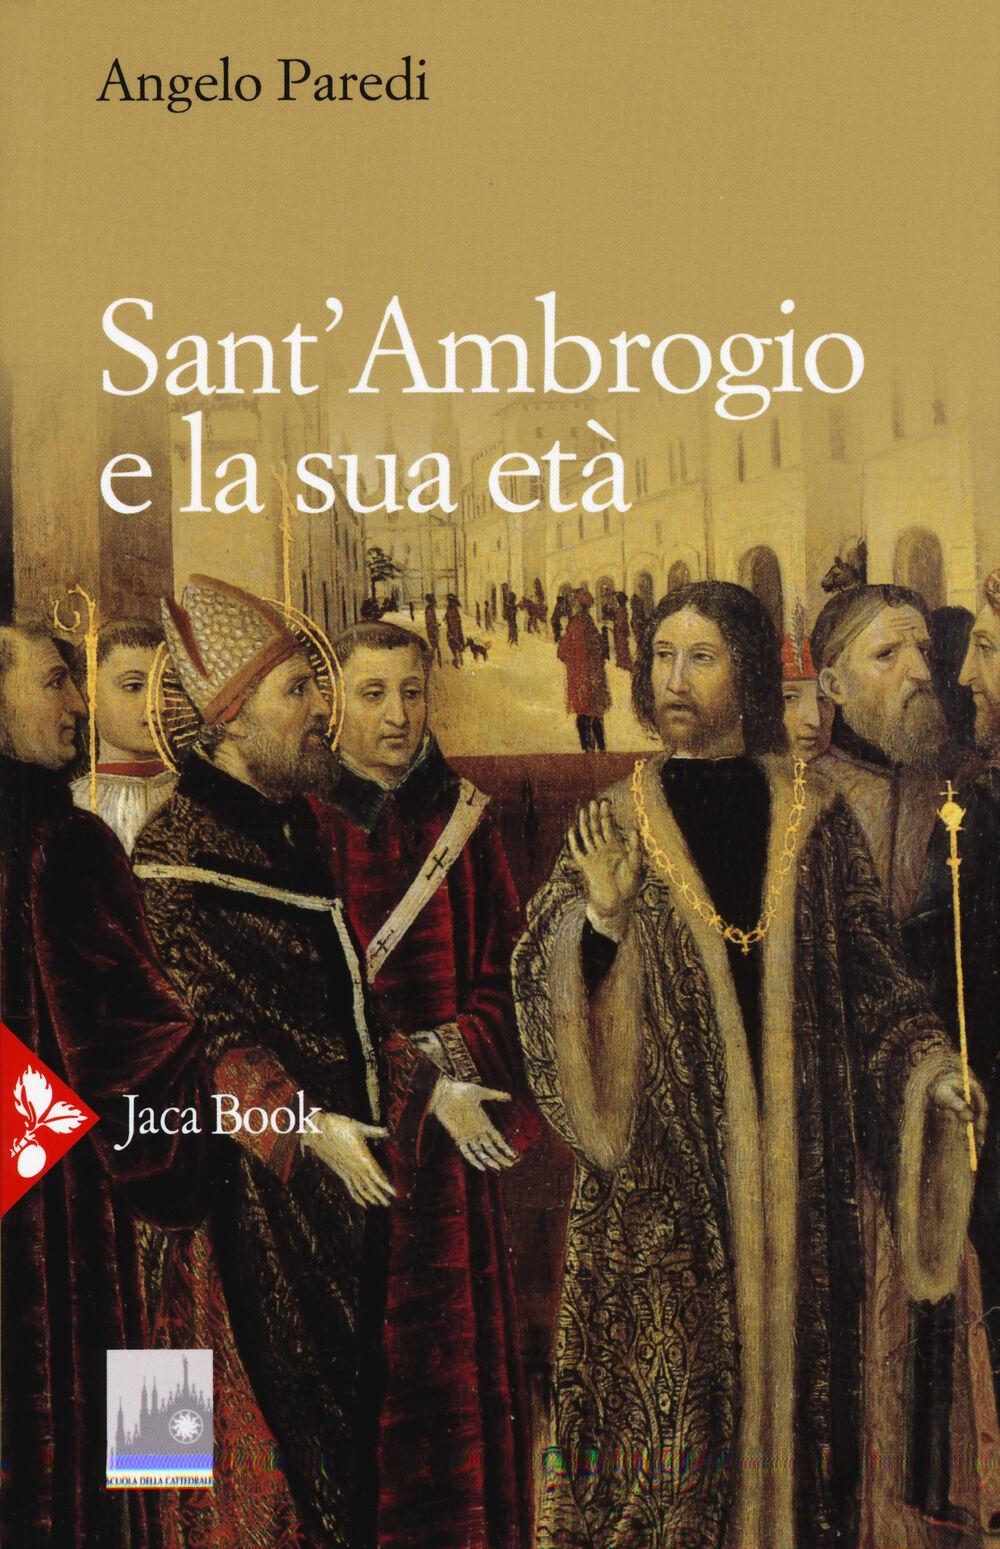 Sant'Ambrogio e la sua età